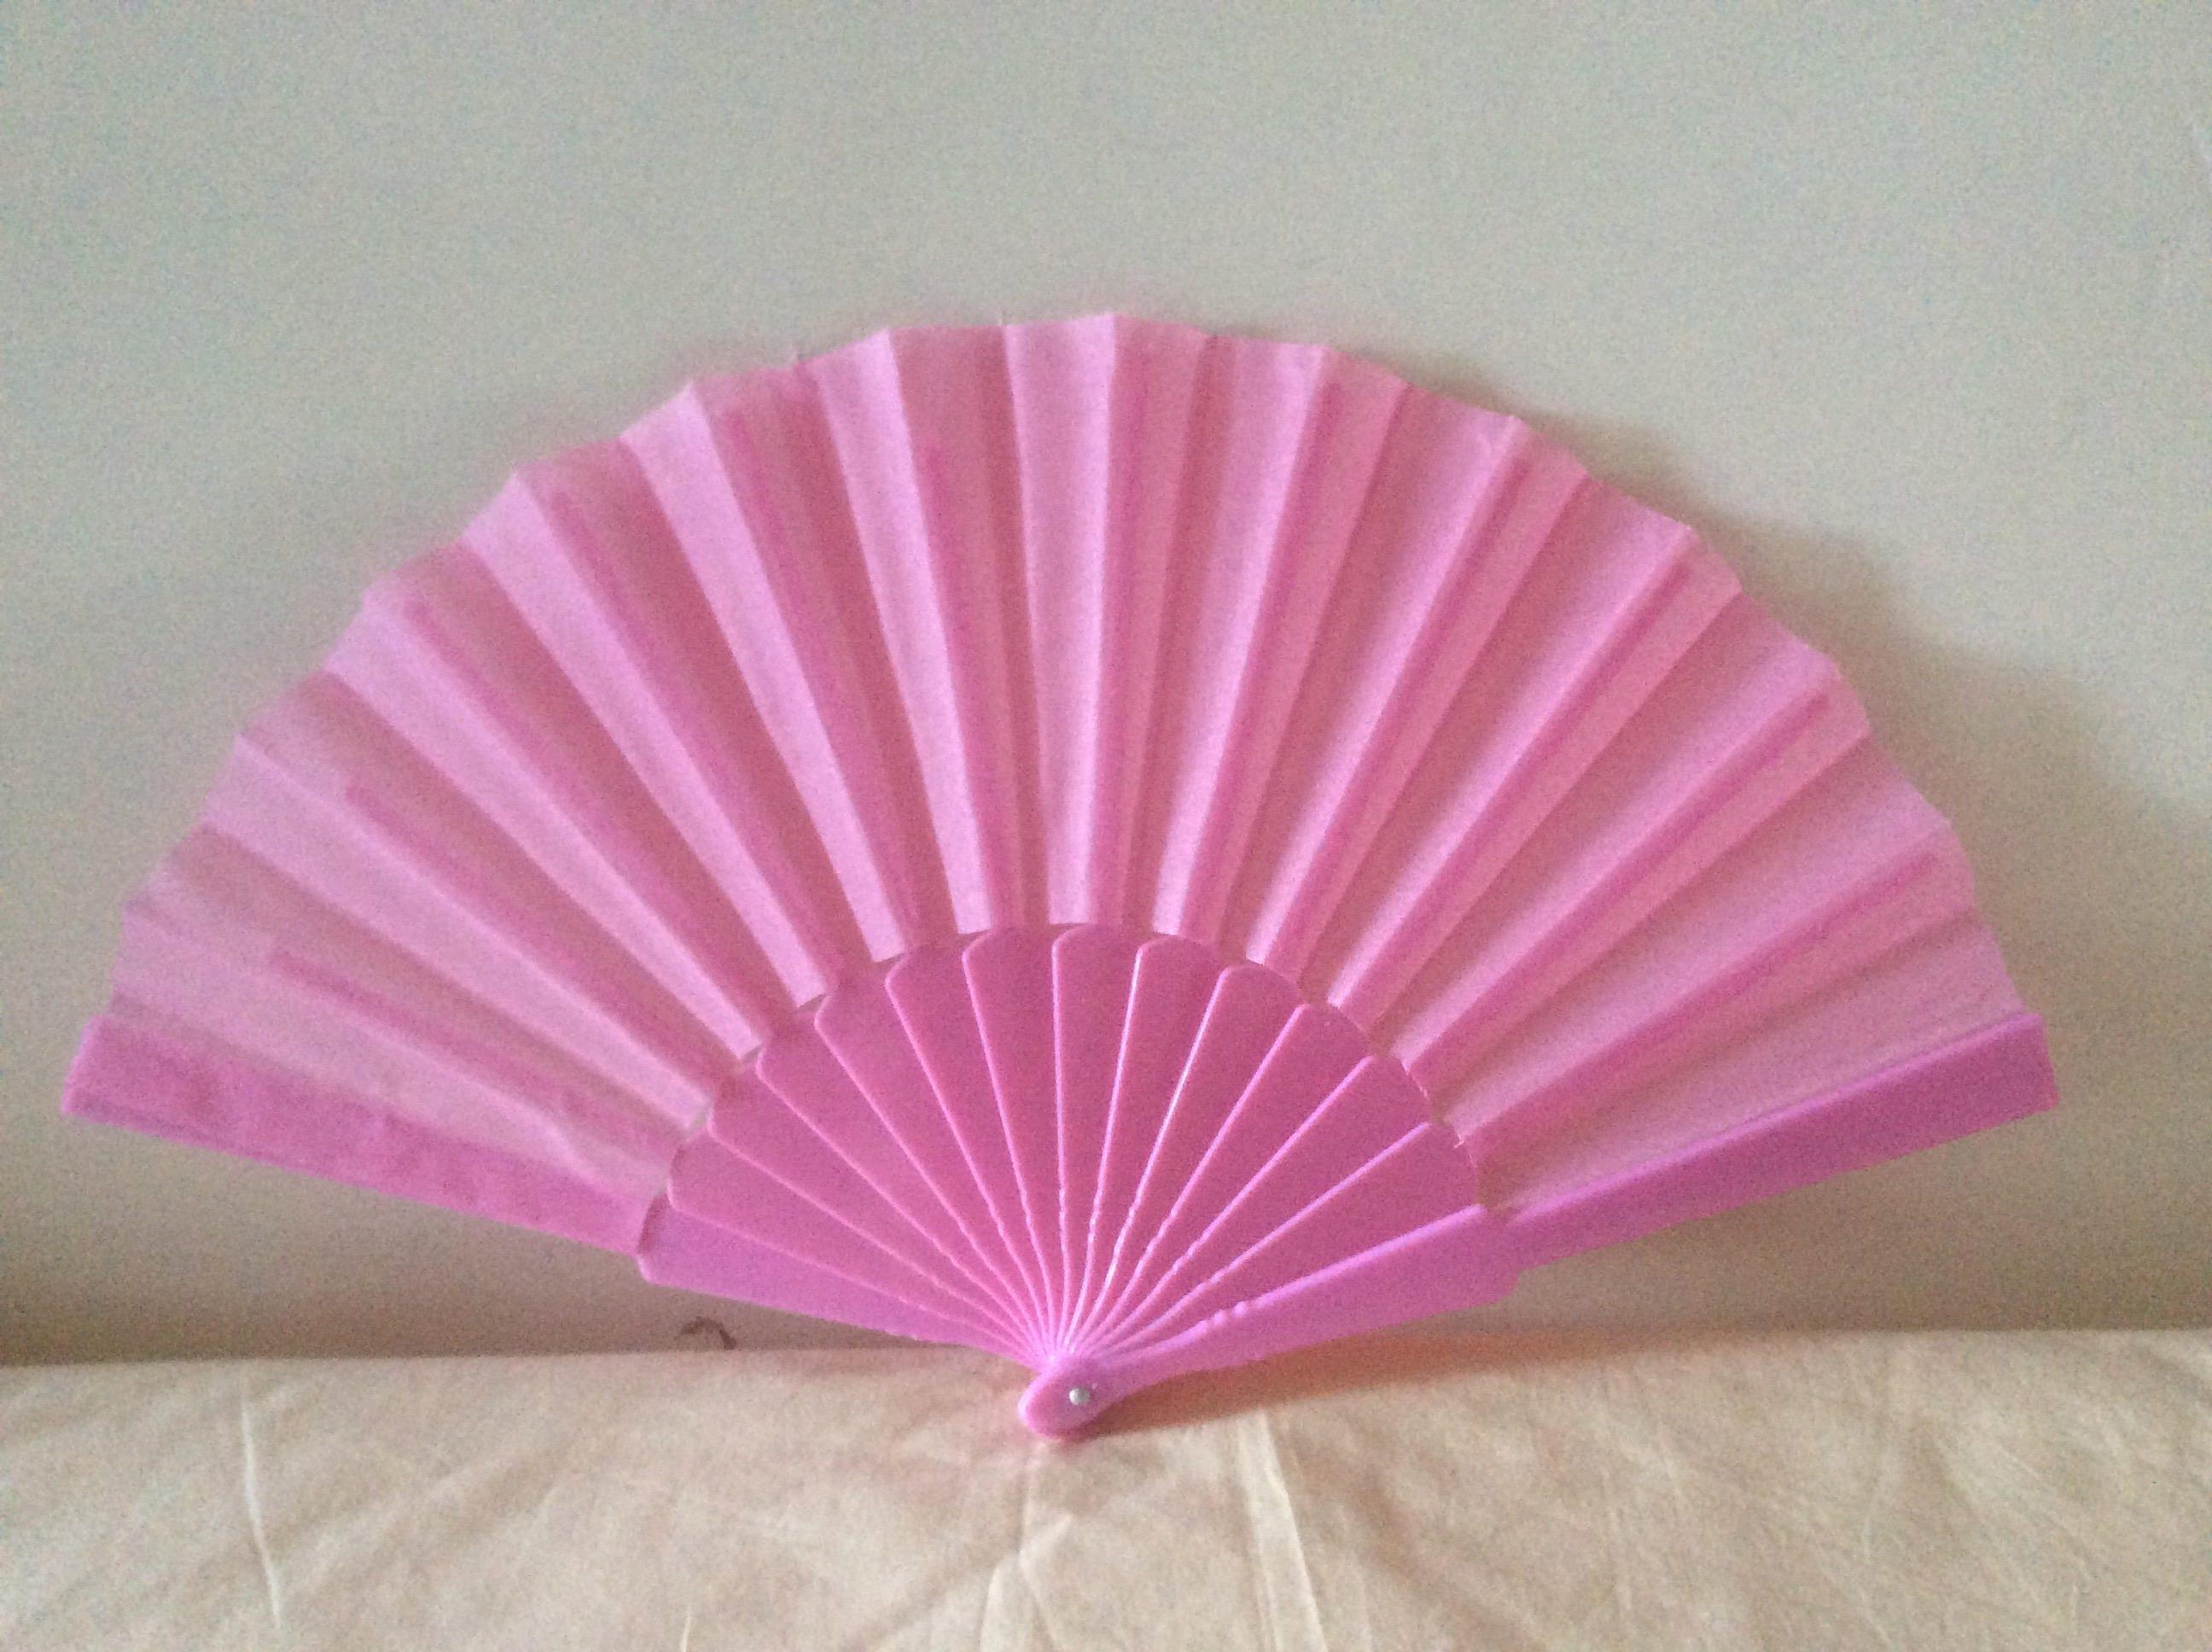 Regency/Victorian Style Fan. Pink Fabric Fan. Hand